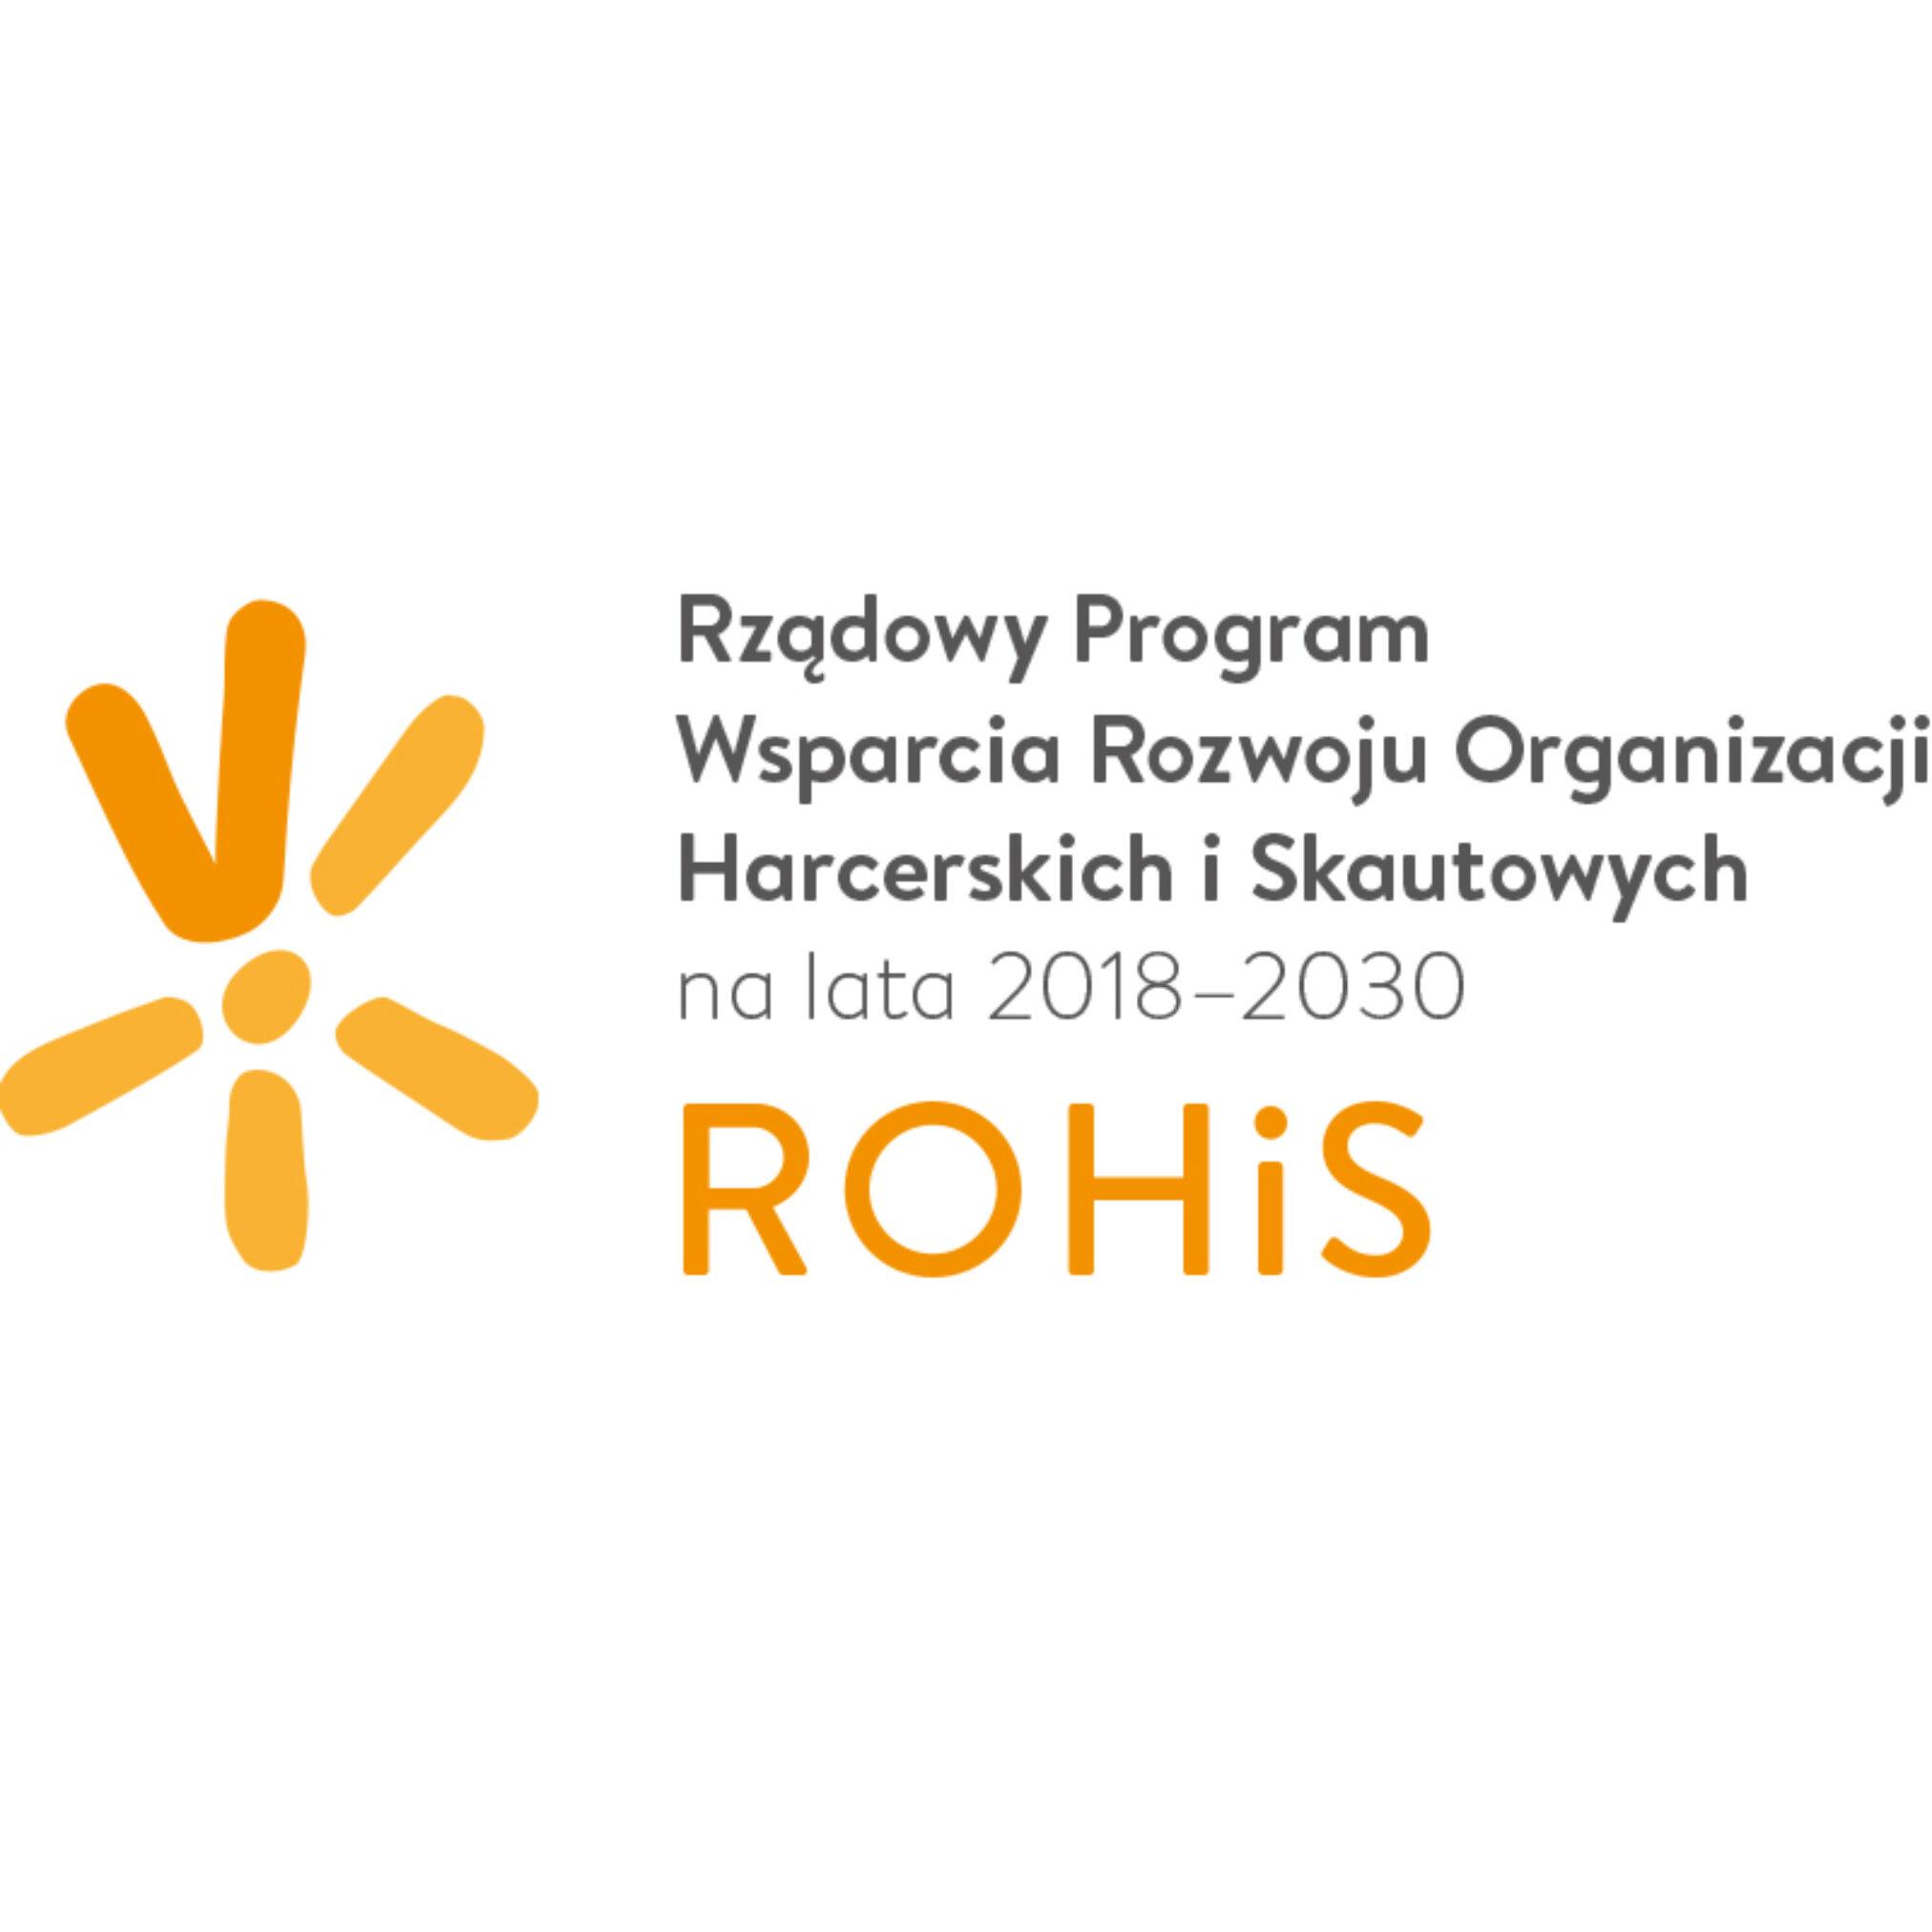 Rzadowy-Program-Wspierania-Organizacji-Harcerskich-i-Skautowych